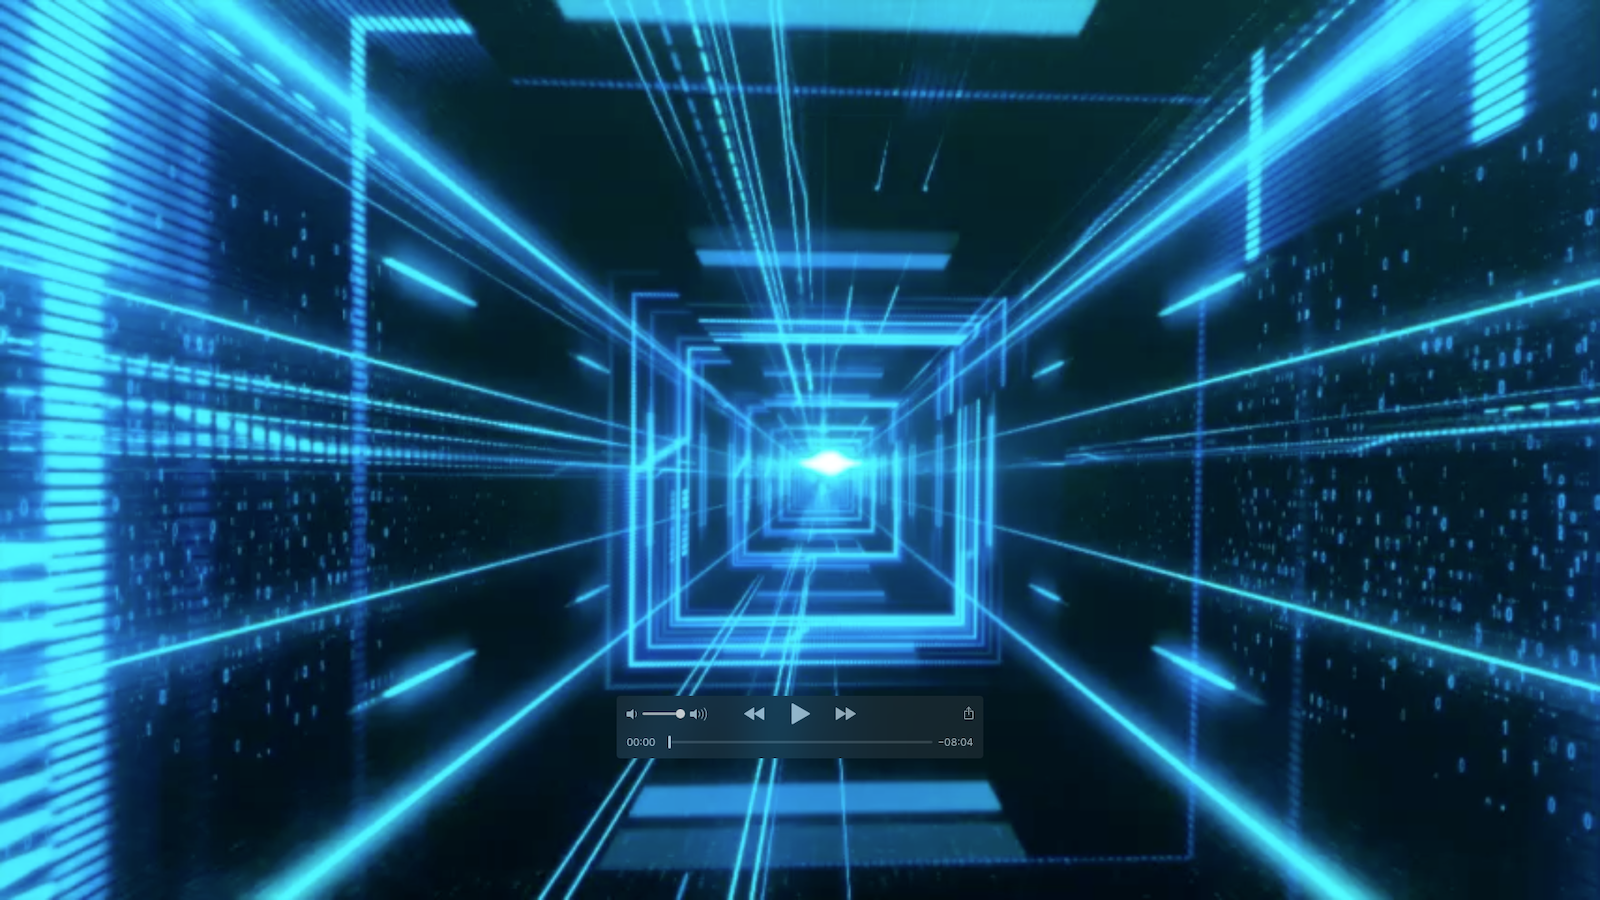 Cyberspace Lichttunnel